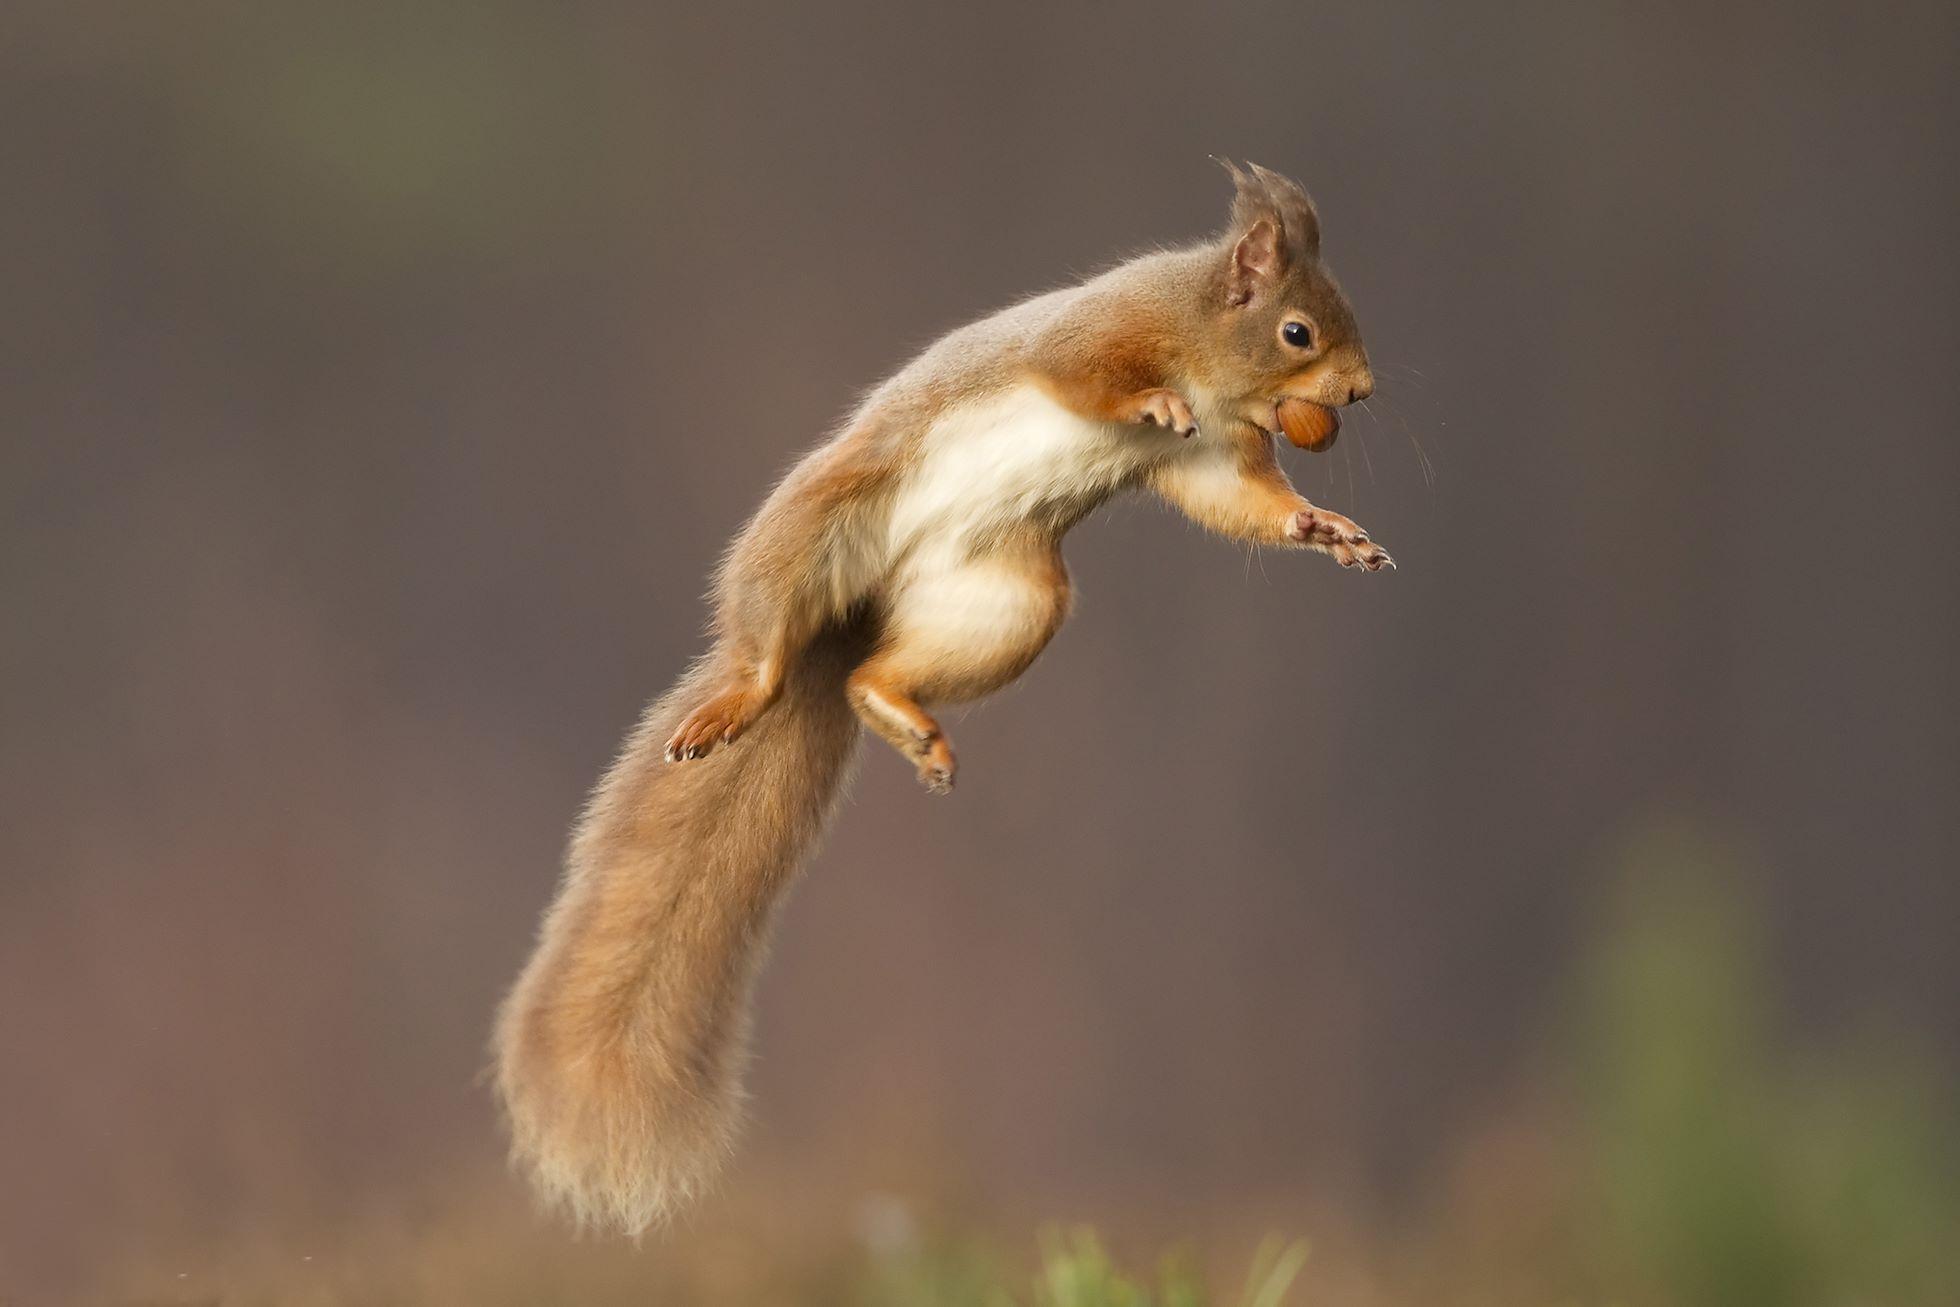 Red squirrel (Sciurus vulgaris) jumping, Cairngorms National Park, Scotland.